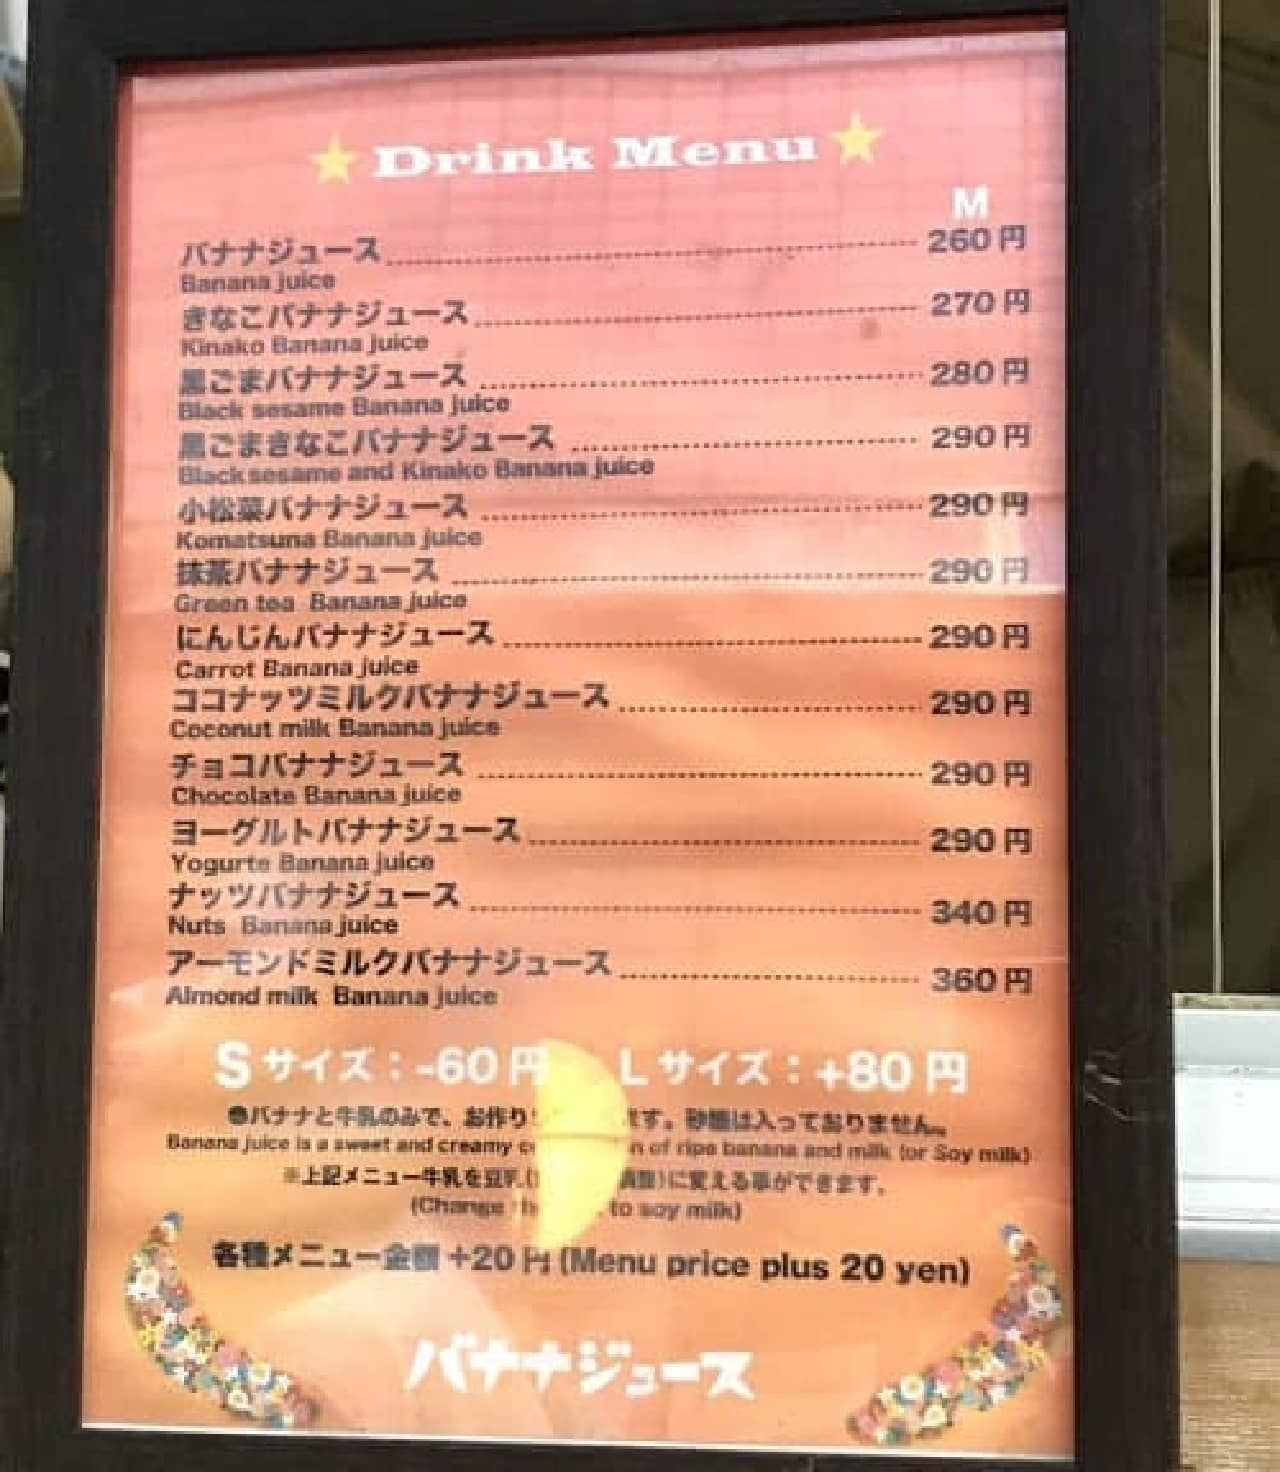 バナナジュース専門店バナナジュースのメニュー表